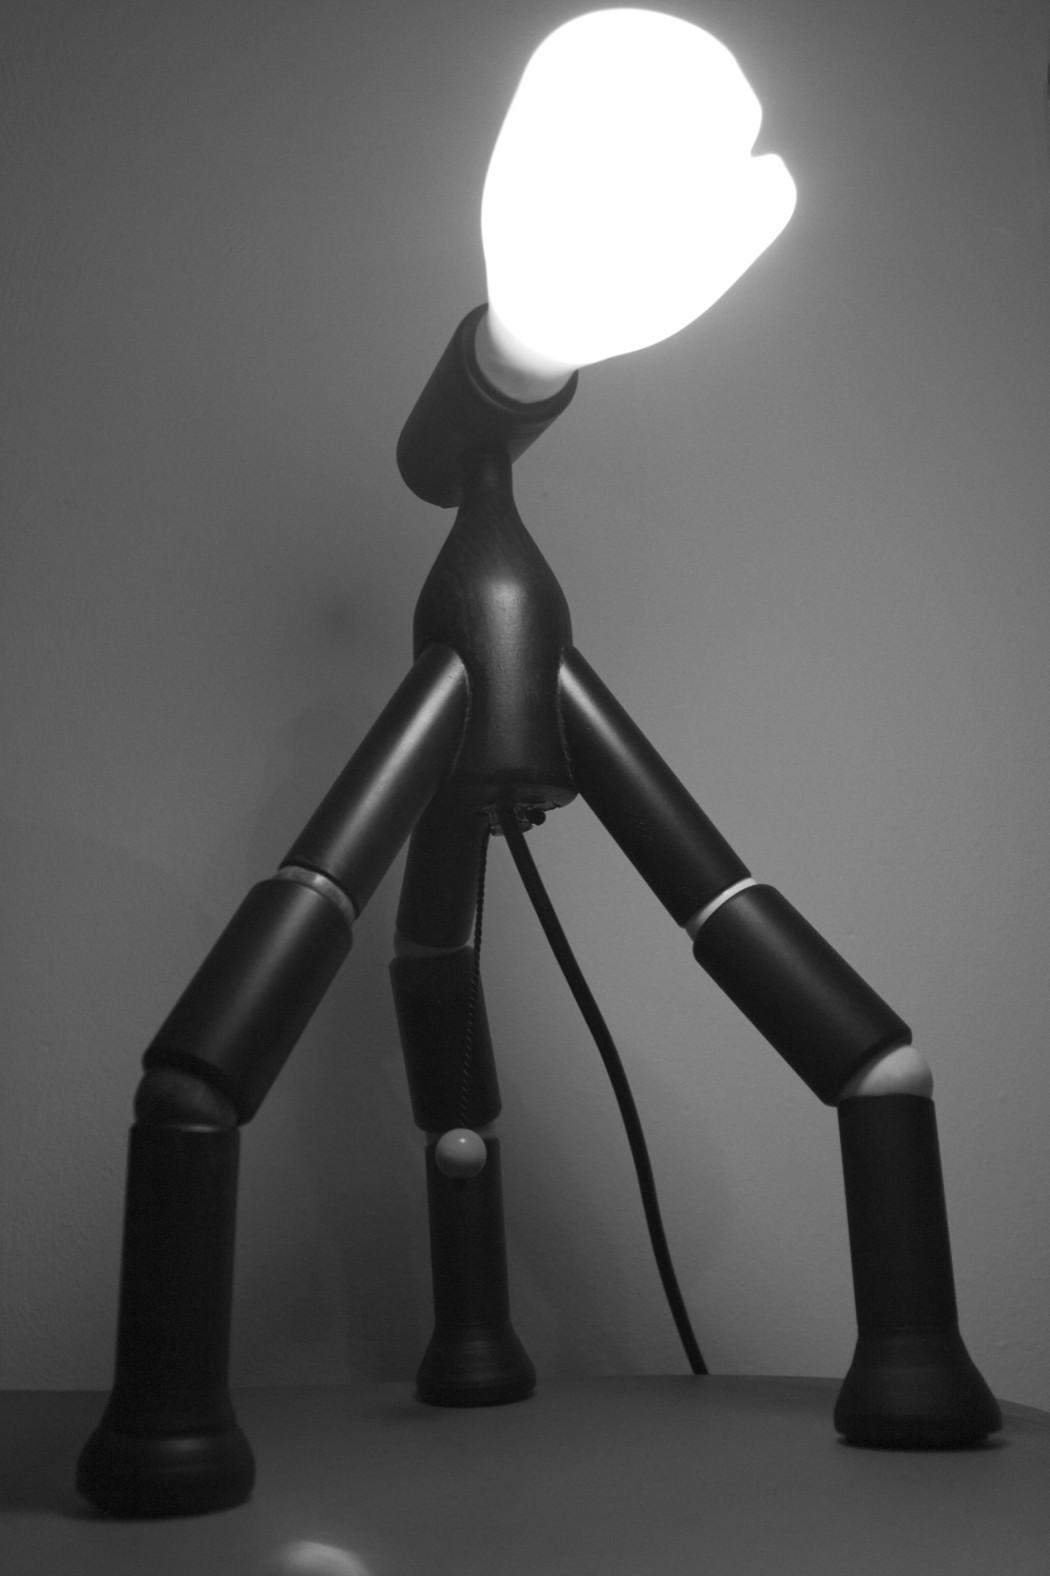 lamp3 (2)